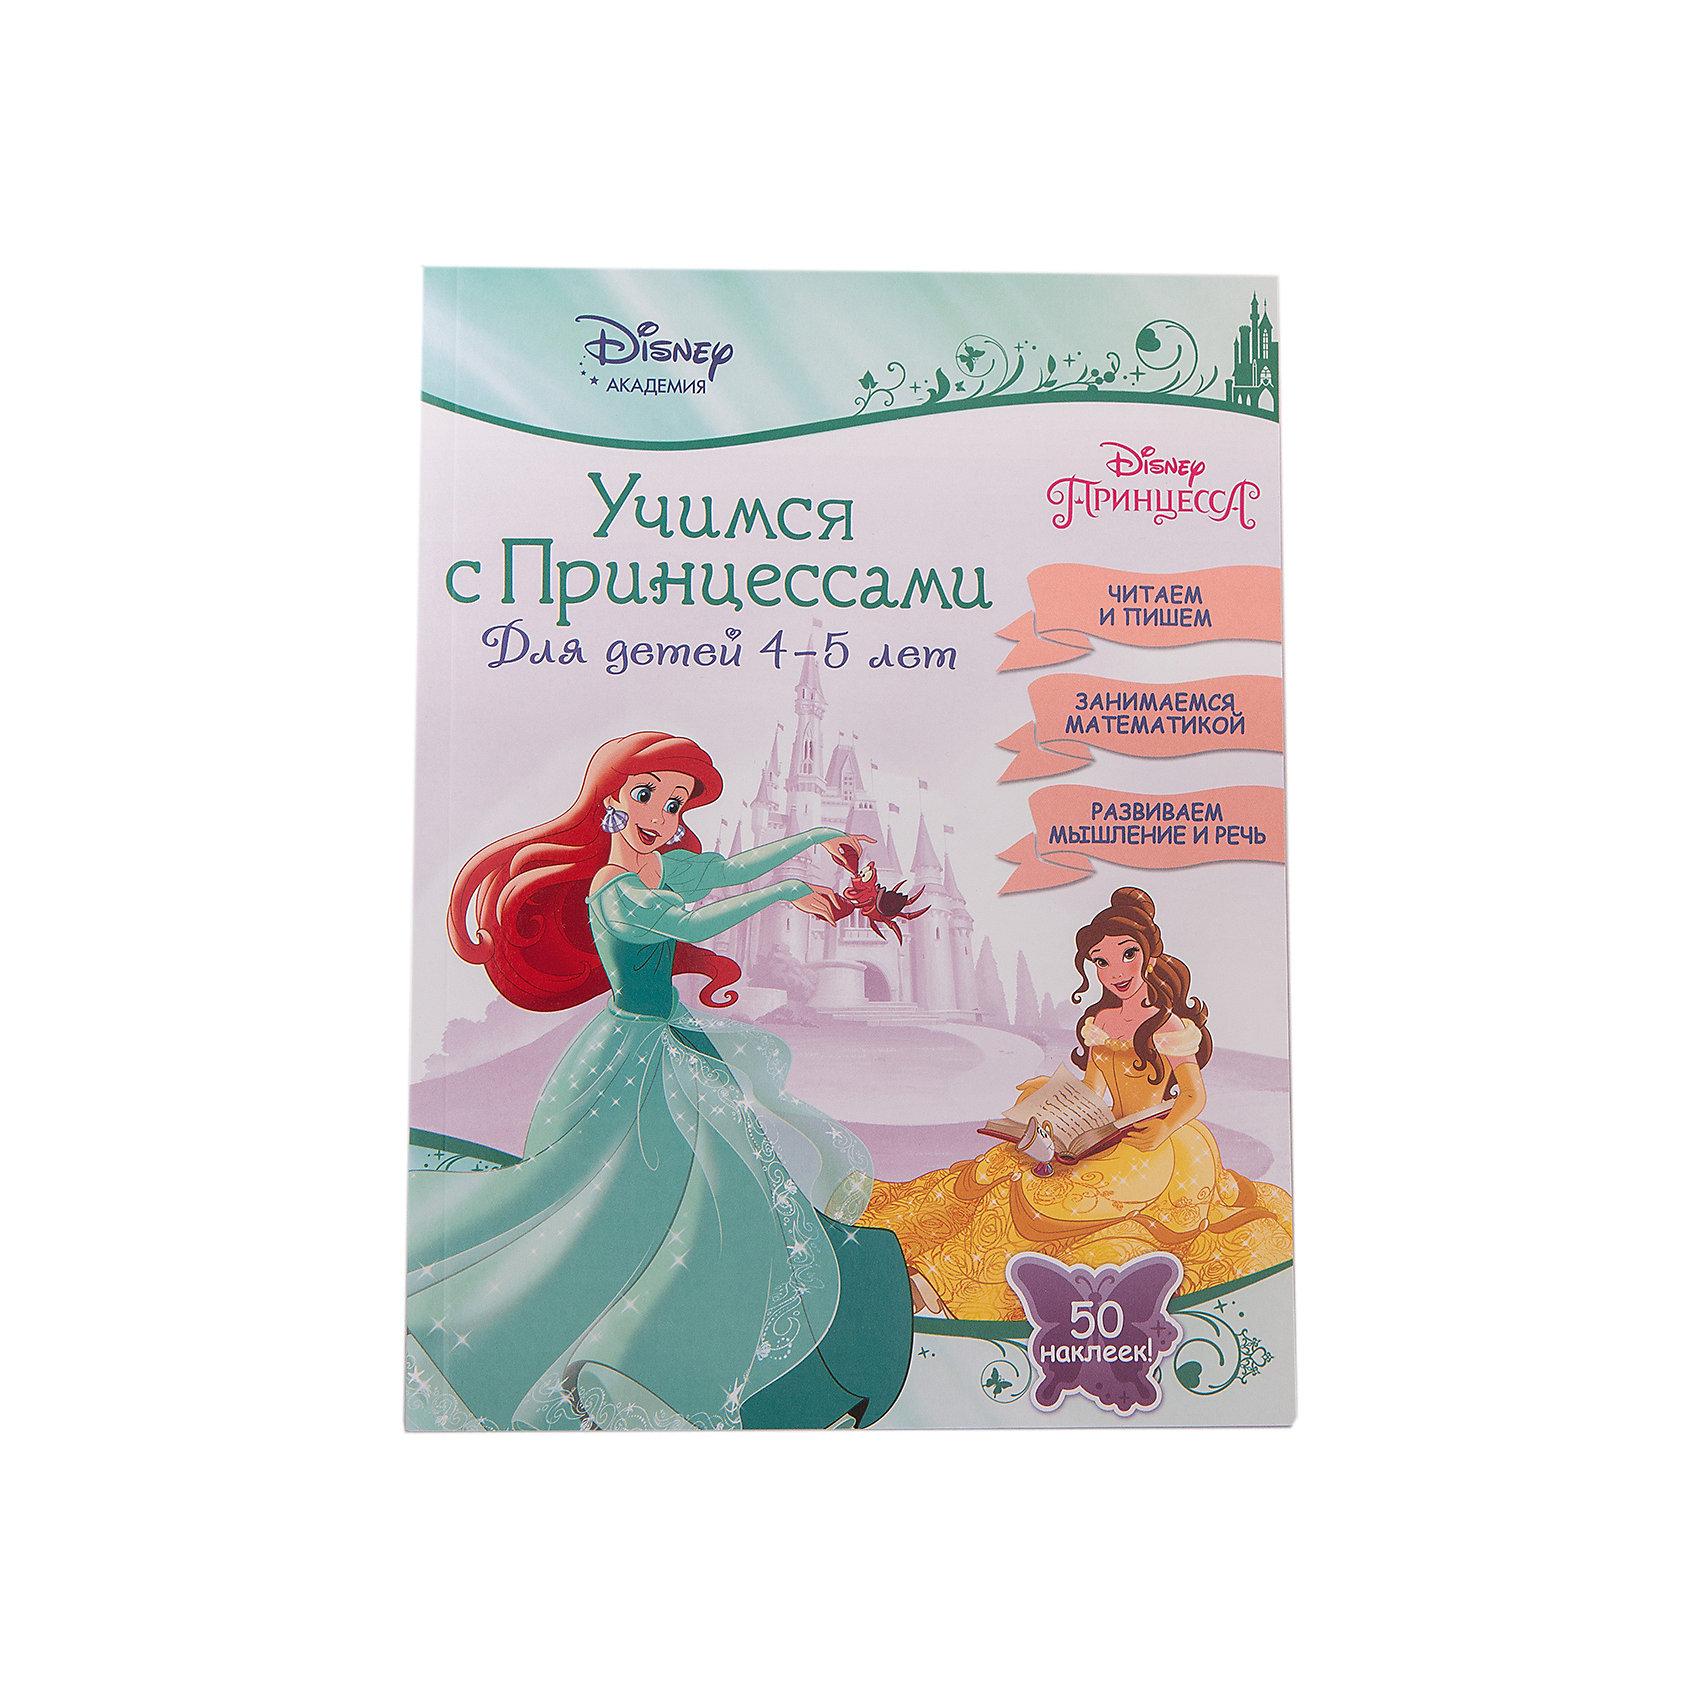 Эксмо Книга Учимся с Принцессами (для детей 4-5 лет) эксмо учимся считать до 10 для детей 4 5 лет